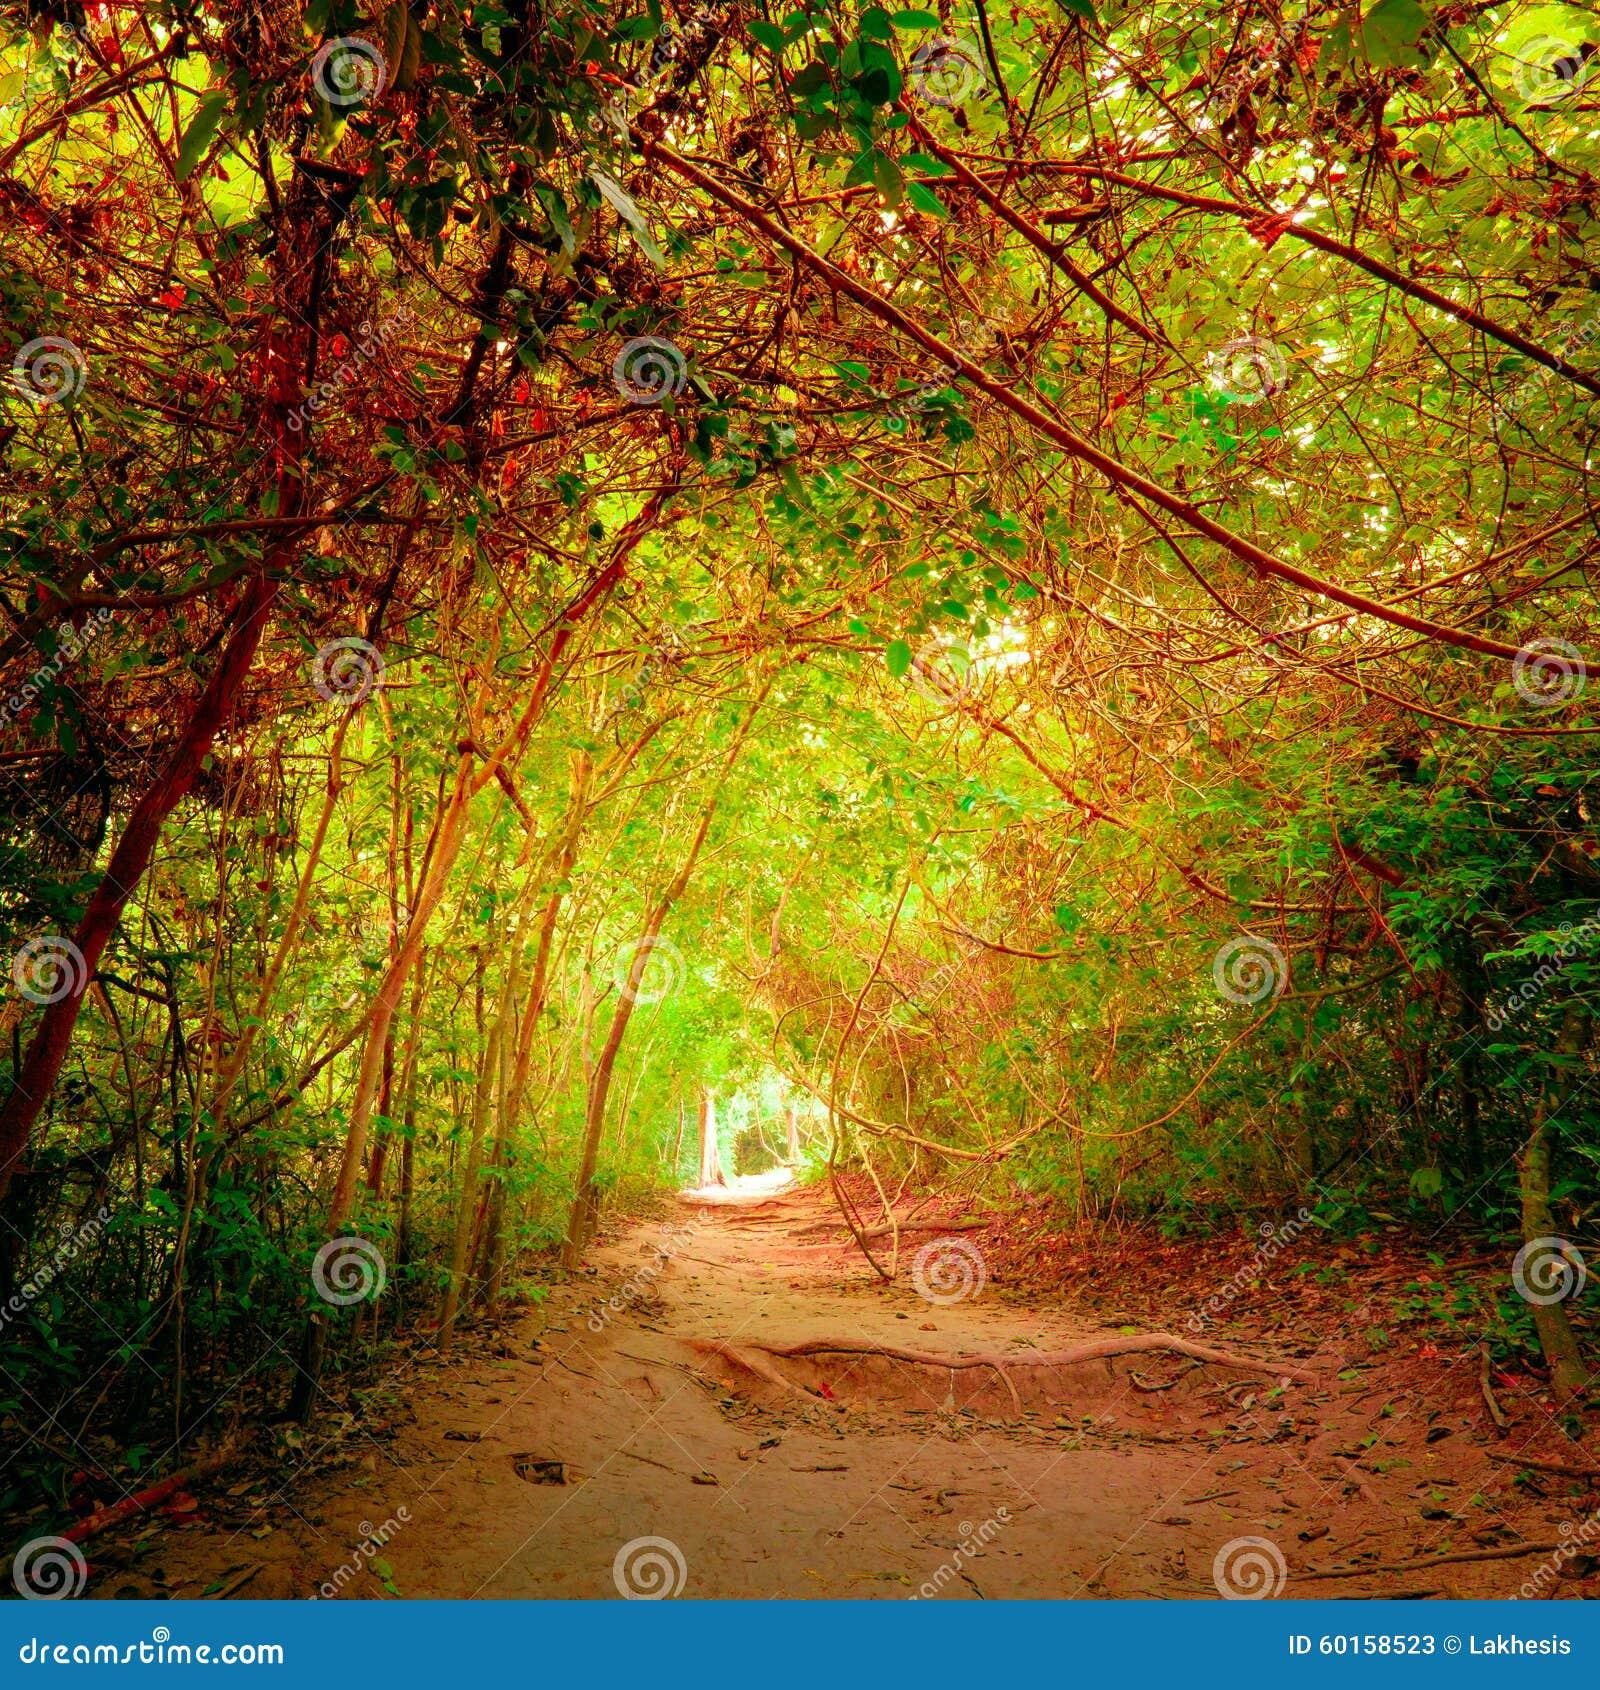 Δάσος φαντασίας στα χρώματα φθινοπώρου με τον τρόπο σηράγγων και πορειών